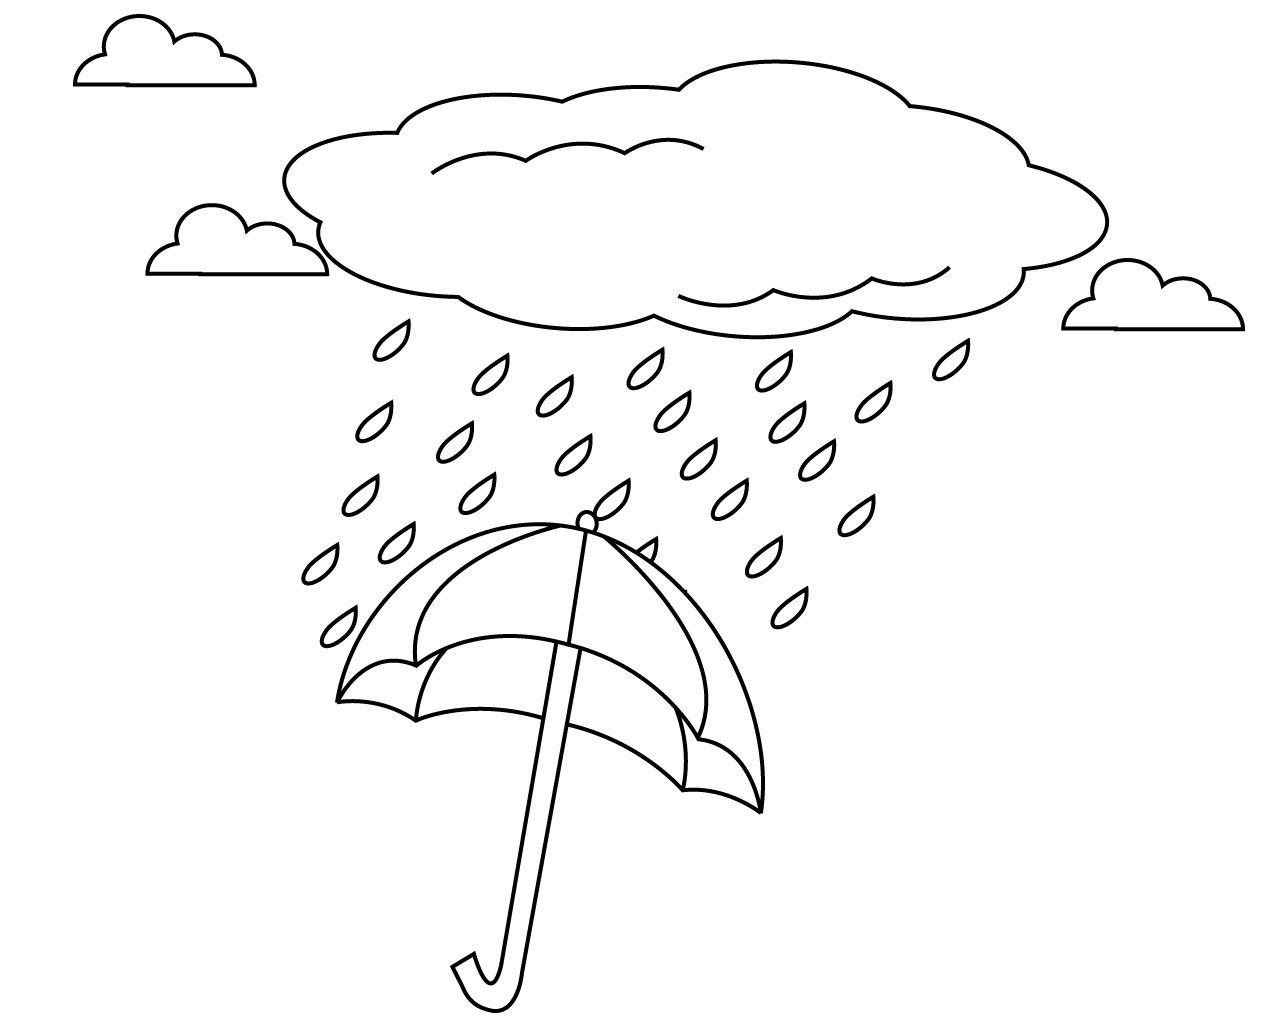 Tranh tô màu chiếc ô che mưa